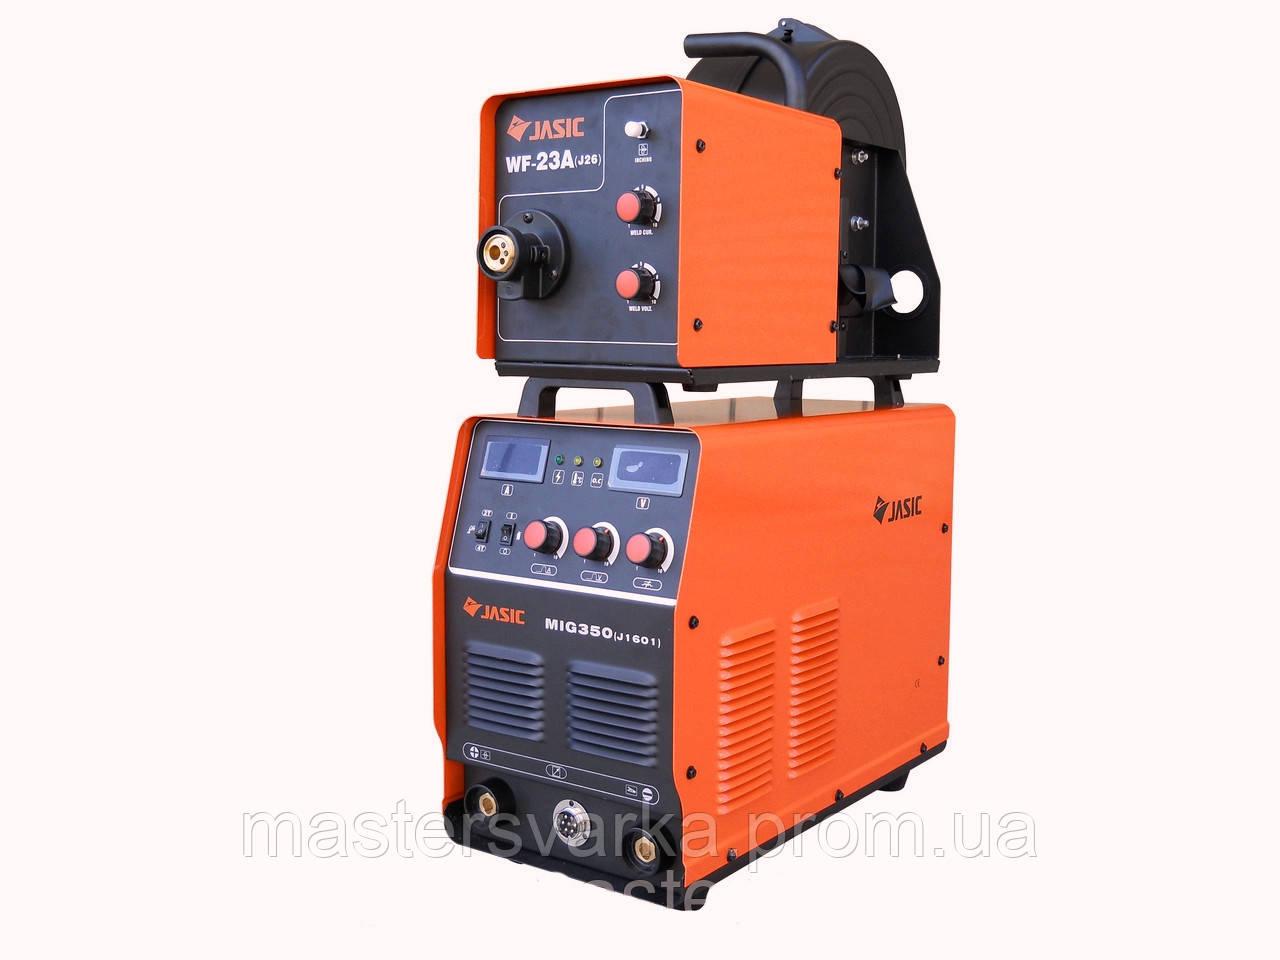 Сварочный полуавтомат Jasic MIG-350 (j1601) на 380 вольт